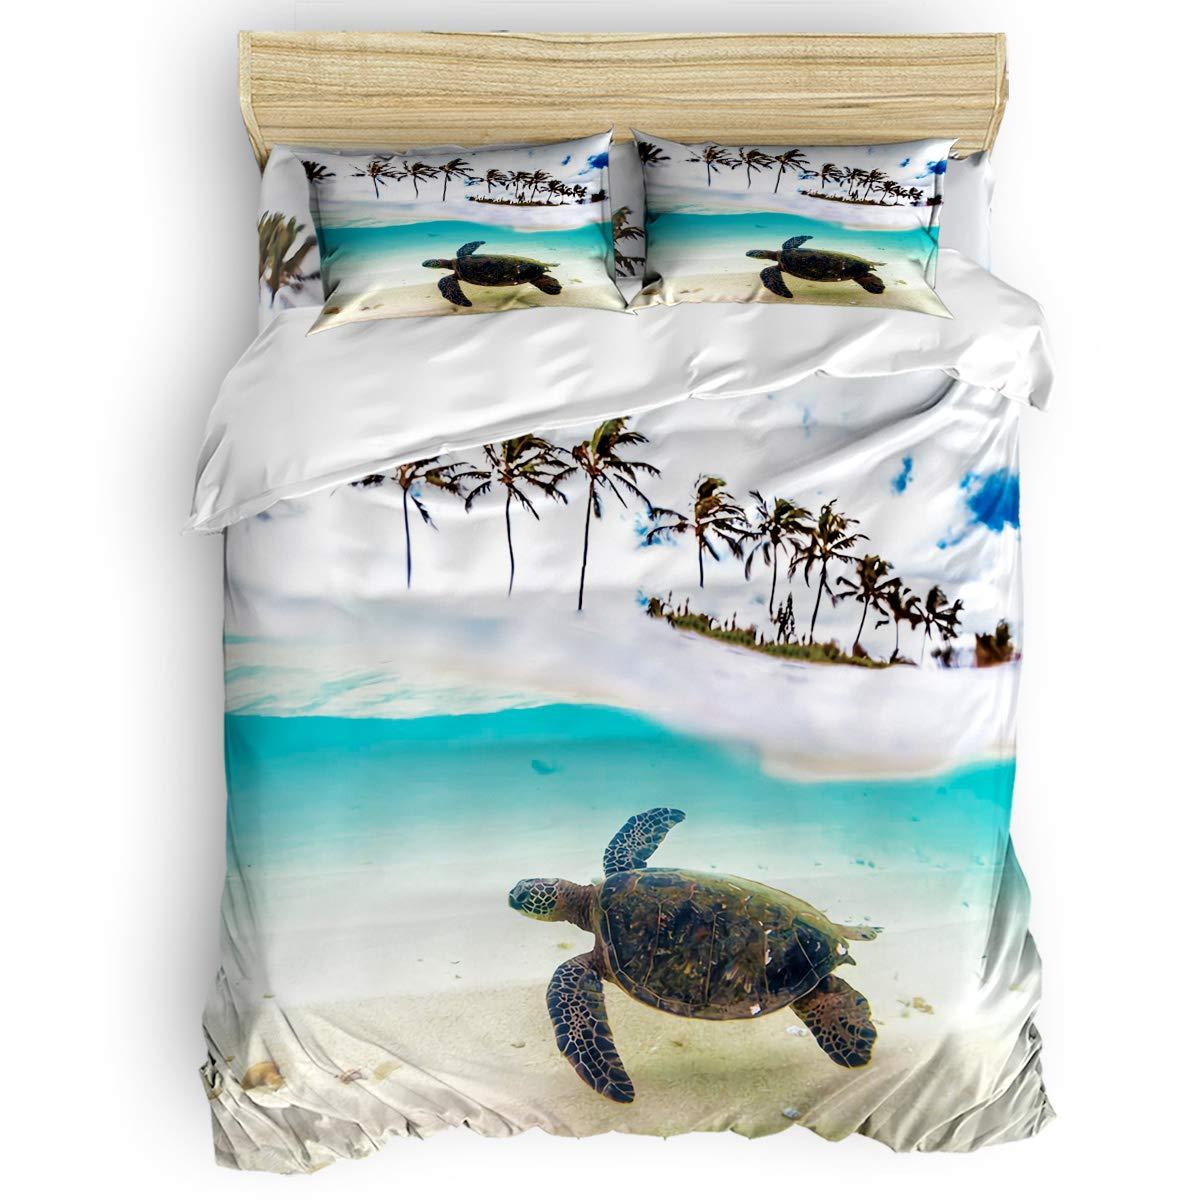 掛け布団カバー 4点セット アガベ 龍舌蘭 多肉 花 寝具カバーセット ベッド用 べッドシーツ 枕カバー 洋式 和式兼用 布団カバー 肌に優しい 羽毛布団セット 100%ポリエステル クイーン B07TG96WP3 Turtle5LAS2870 クイーン